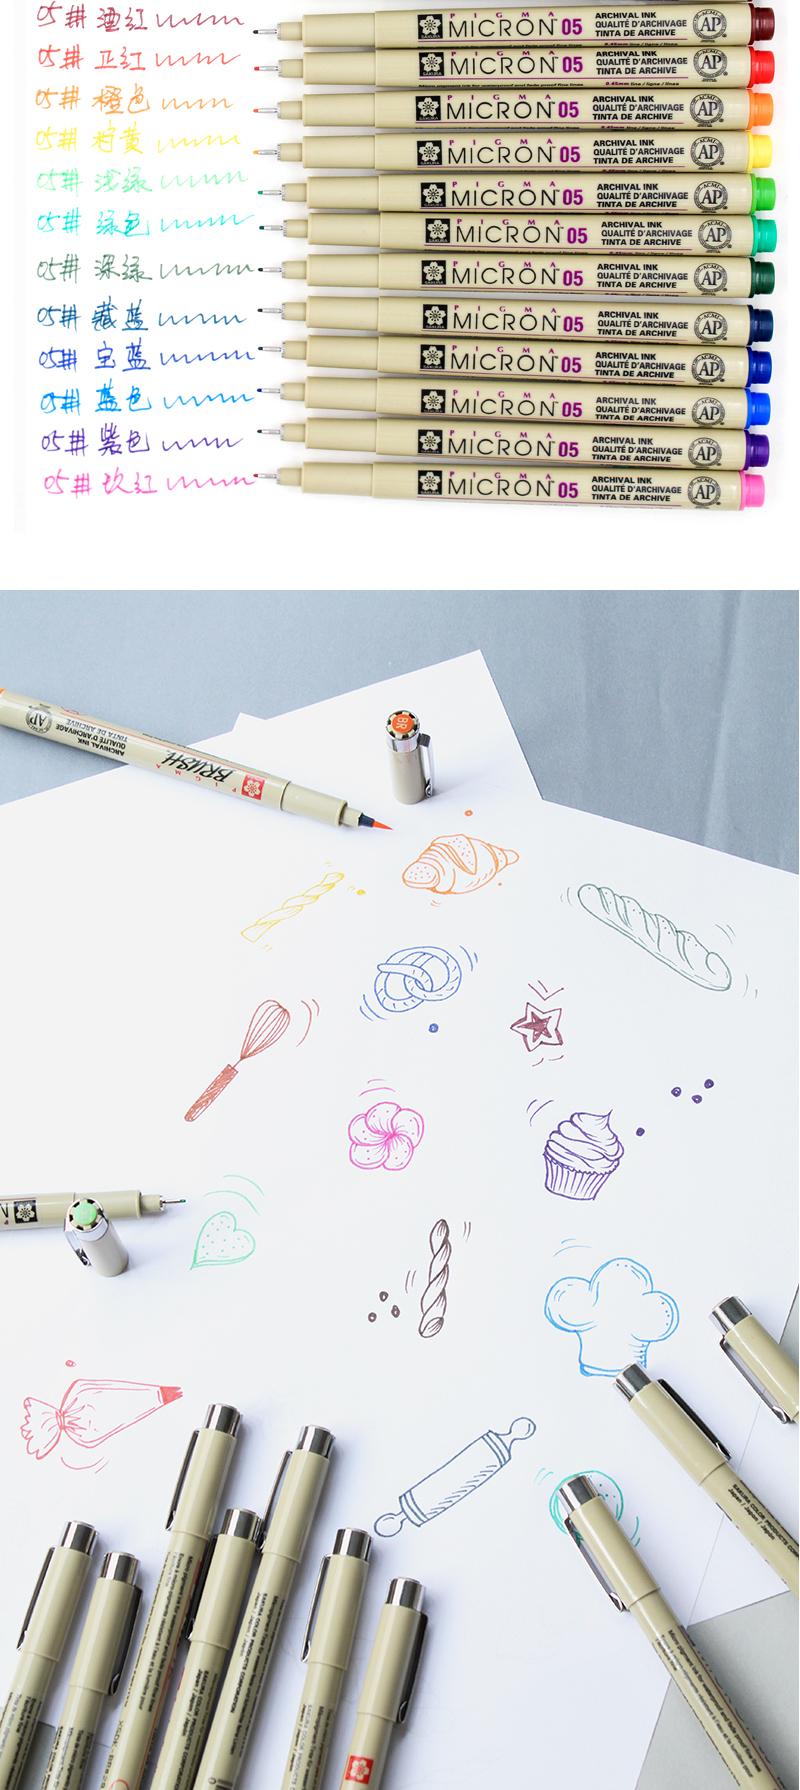 日本进口樱花彩色针管笔防水勾线笔套装漫画描边笔设计手绘画笔绘图笔樱花牌动漫设计黑色勾边笔绘图笔简笔画笔详细照片